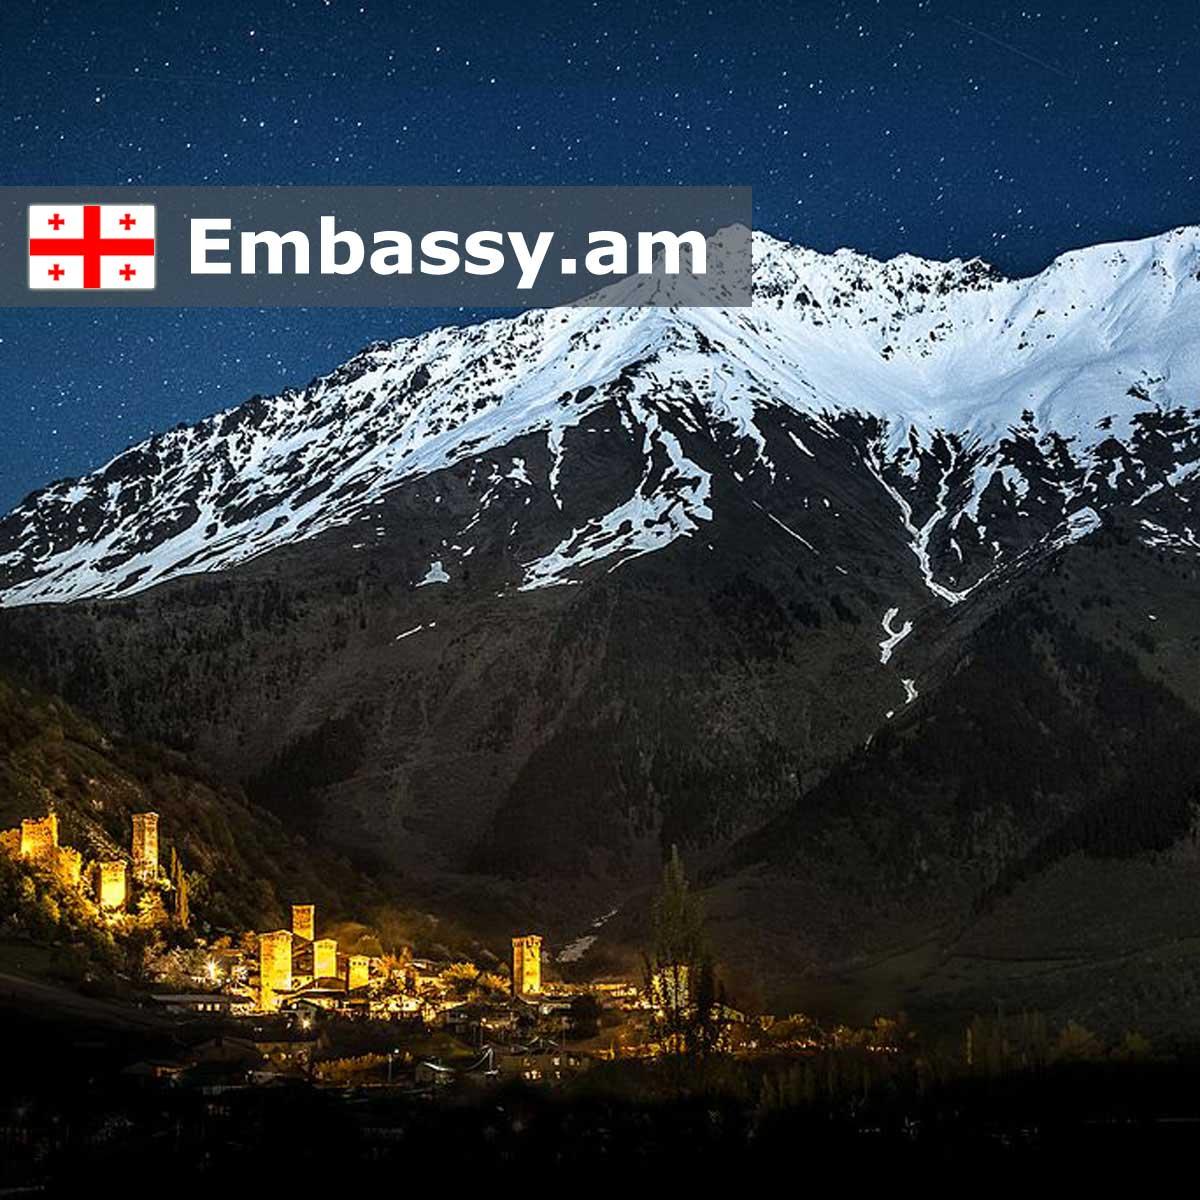 Местия - Отели в Грузии - Embassy.am